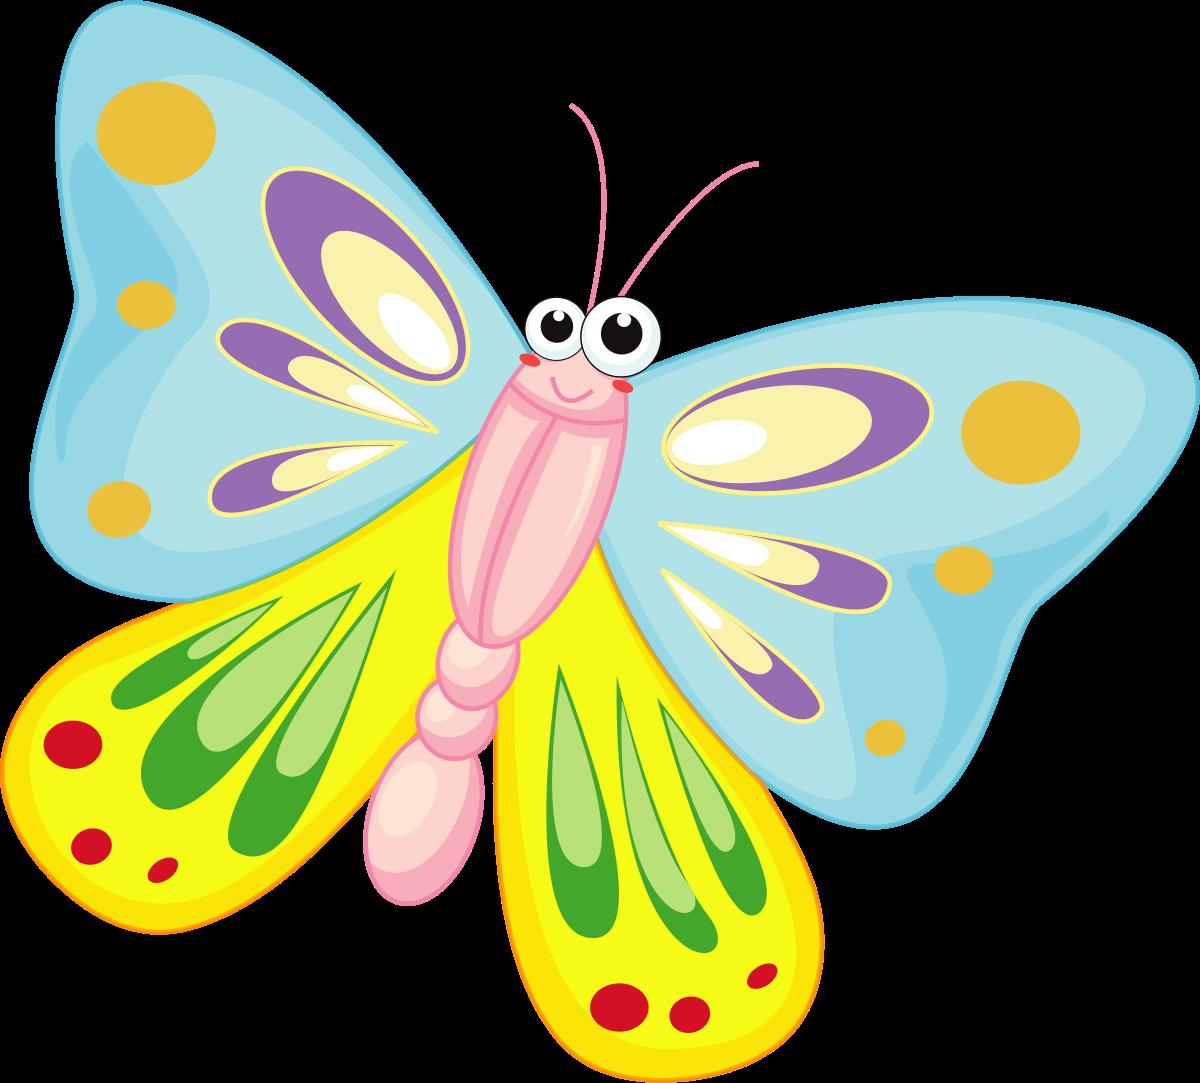 Butterfly Clip Art Butterfly-Butterfly clip art butterfly-7